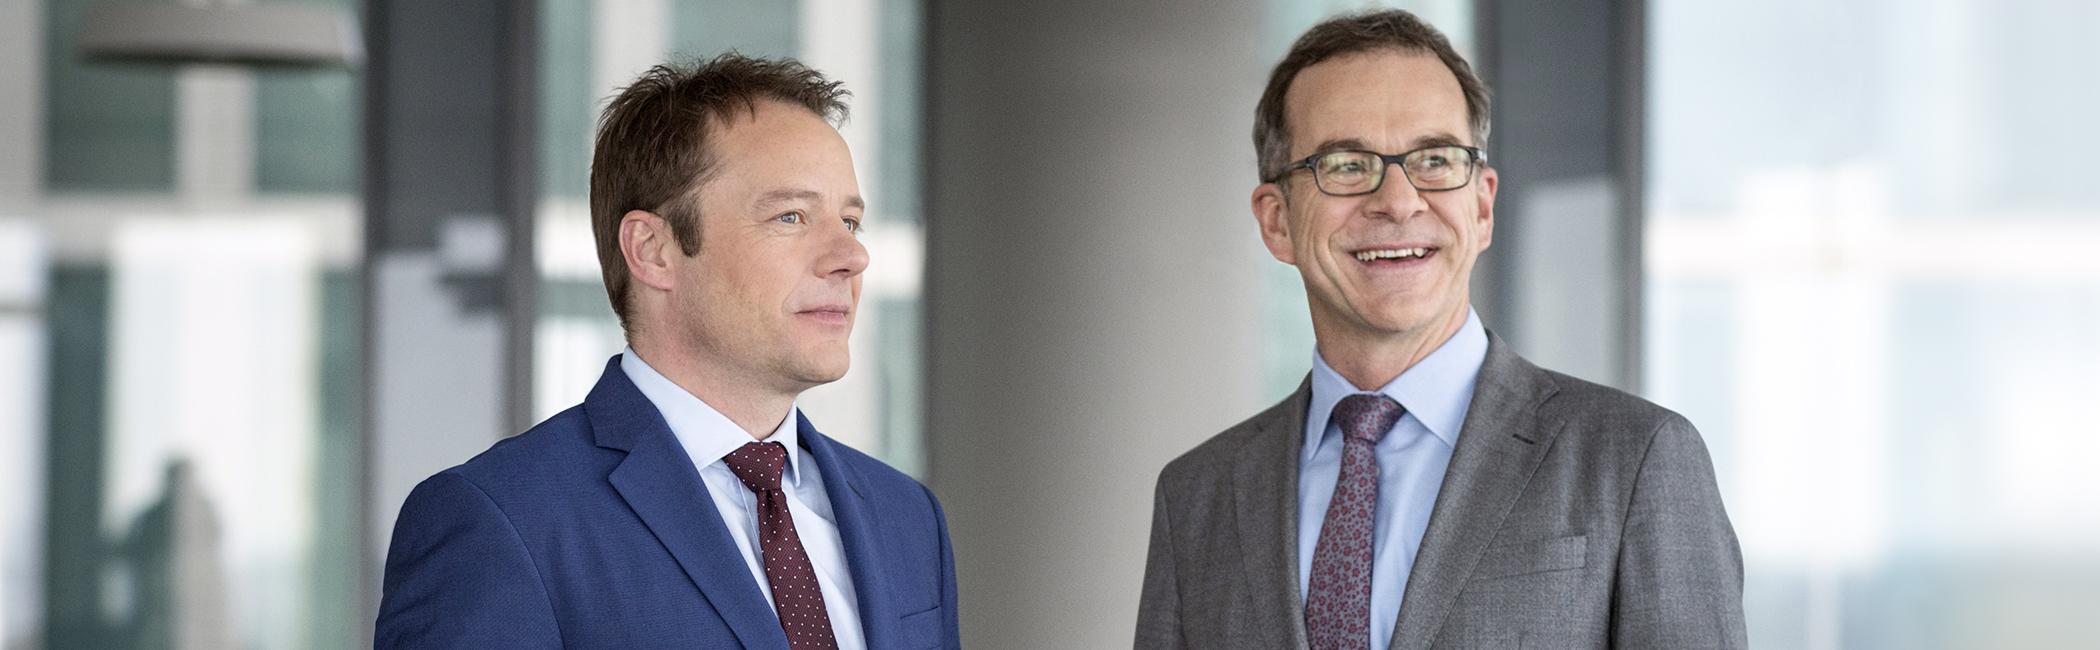 Geschäftsführung der EURAMCO Asset Management